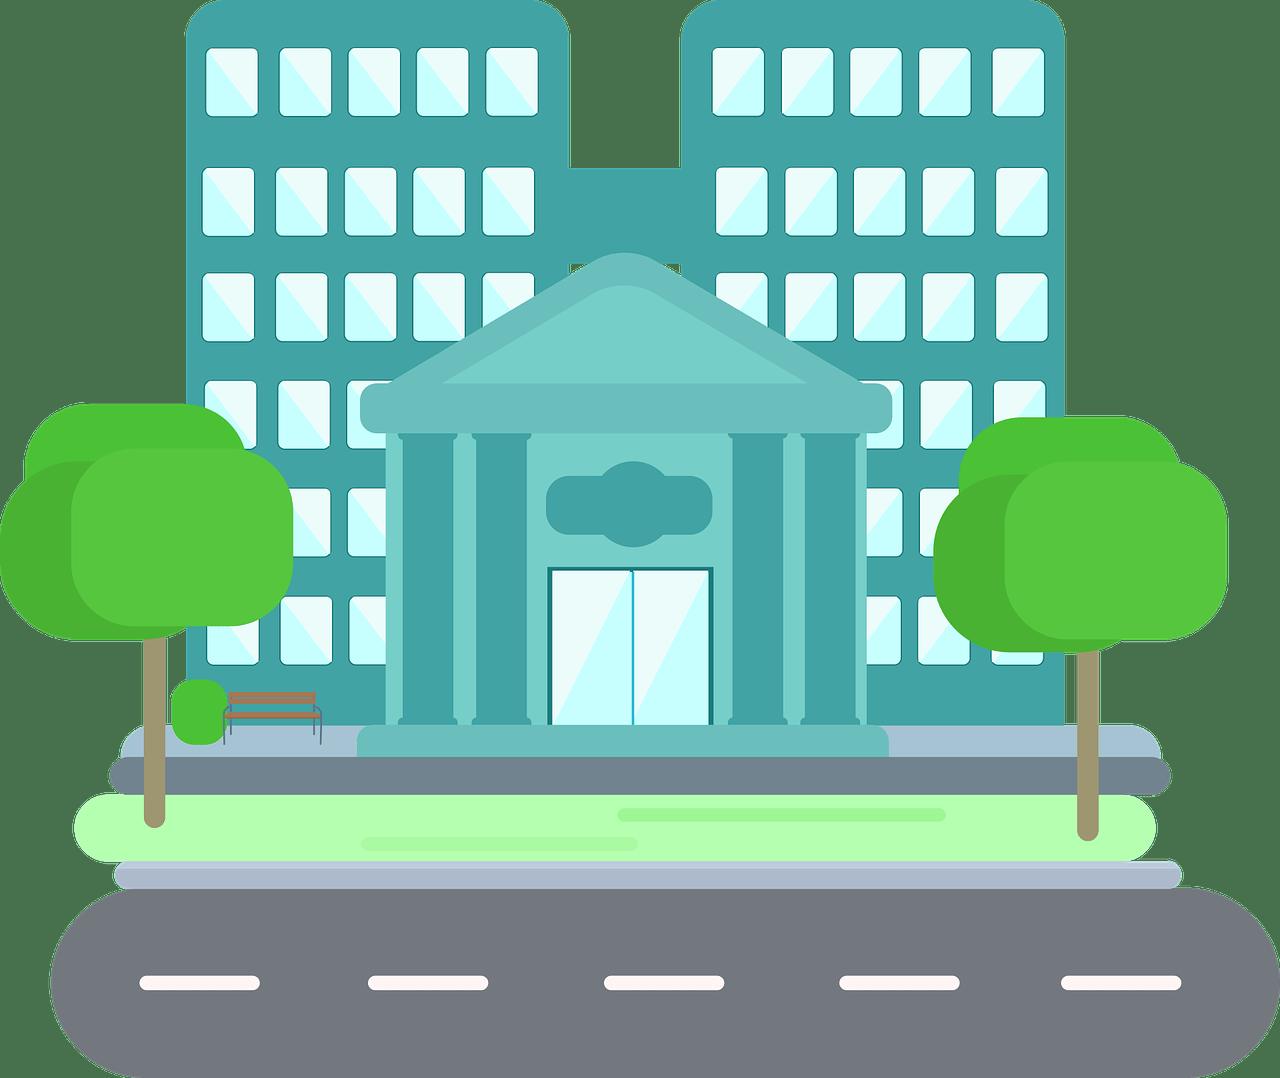 Вакансии РЖД в сфере: Банки, инвестиции, лизинг